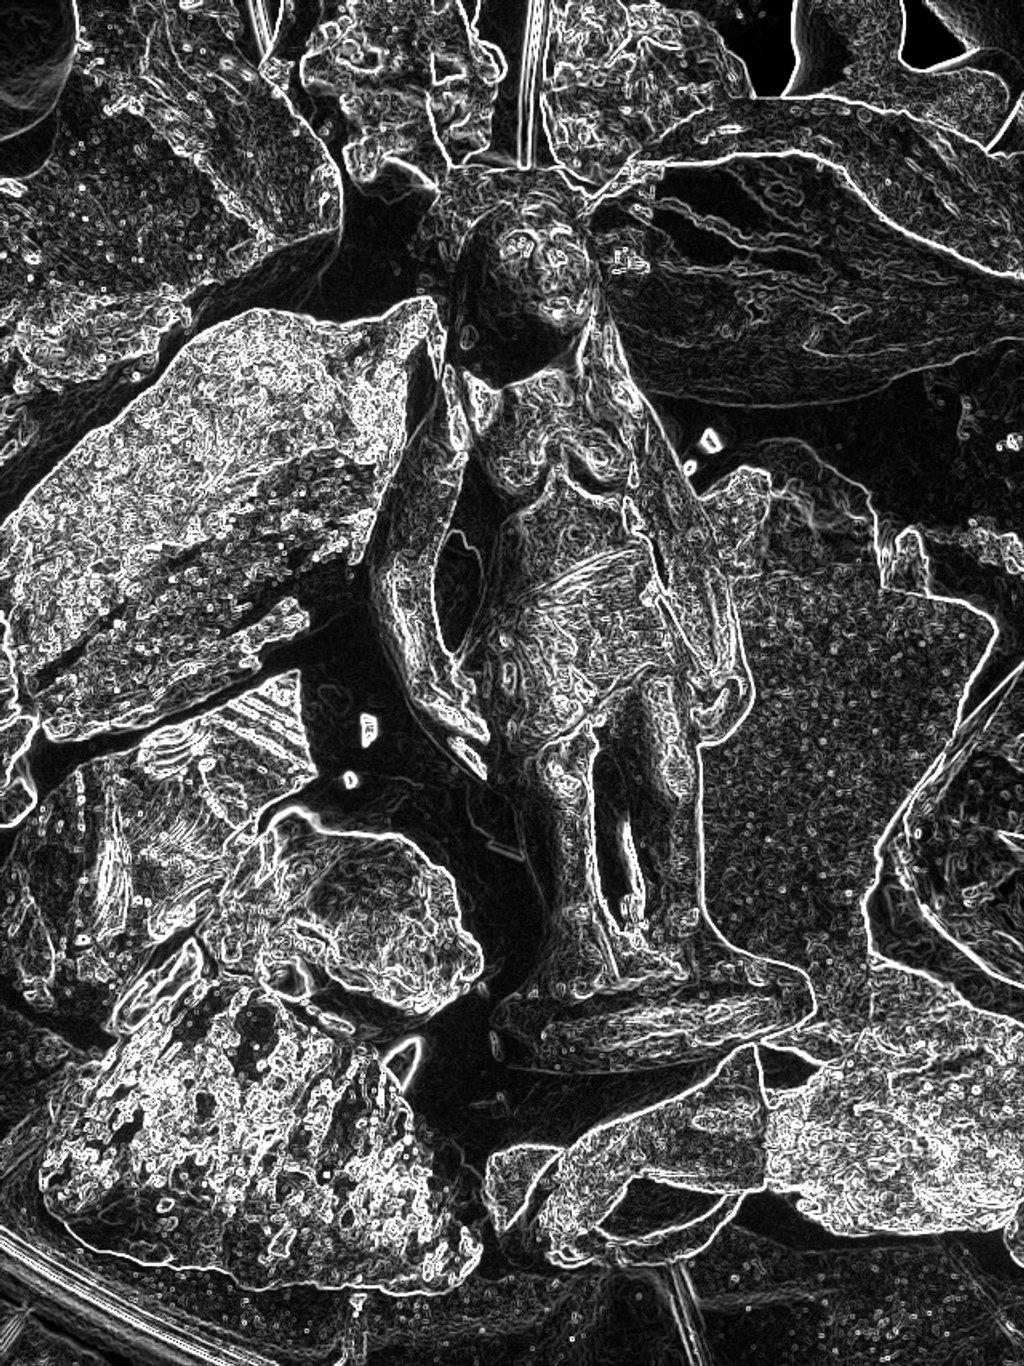 Neanderthal Woman by mcsiegle